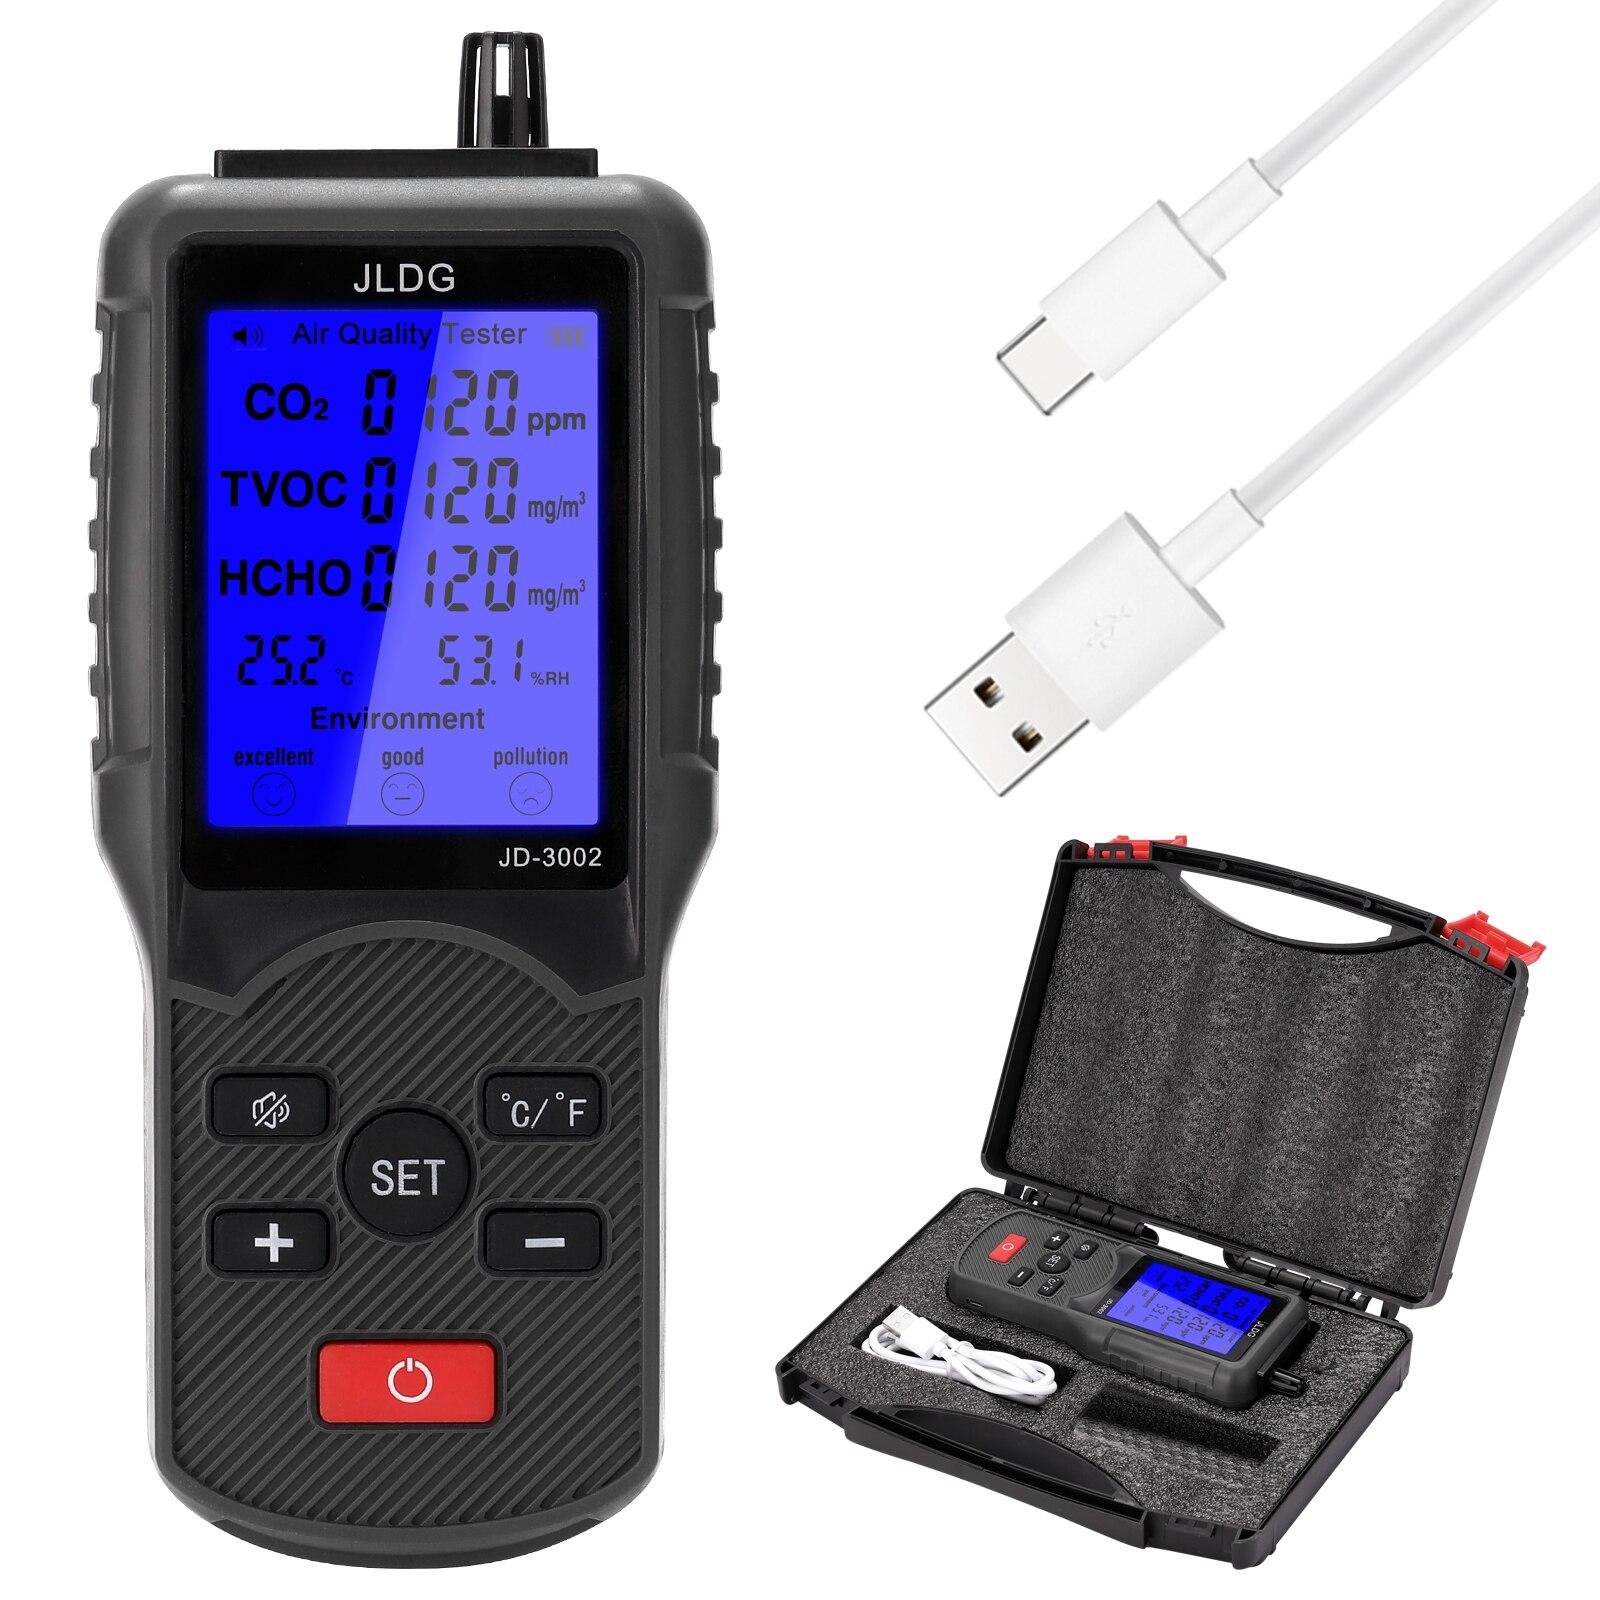 Измеритель Co2, детектор датчика Co2, монитор качества воздуха, анализатор воздуха с дисплеем температуры и влажности, диапазон измерения ...